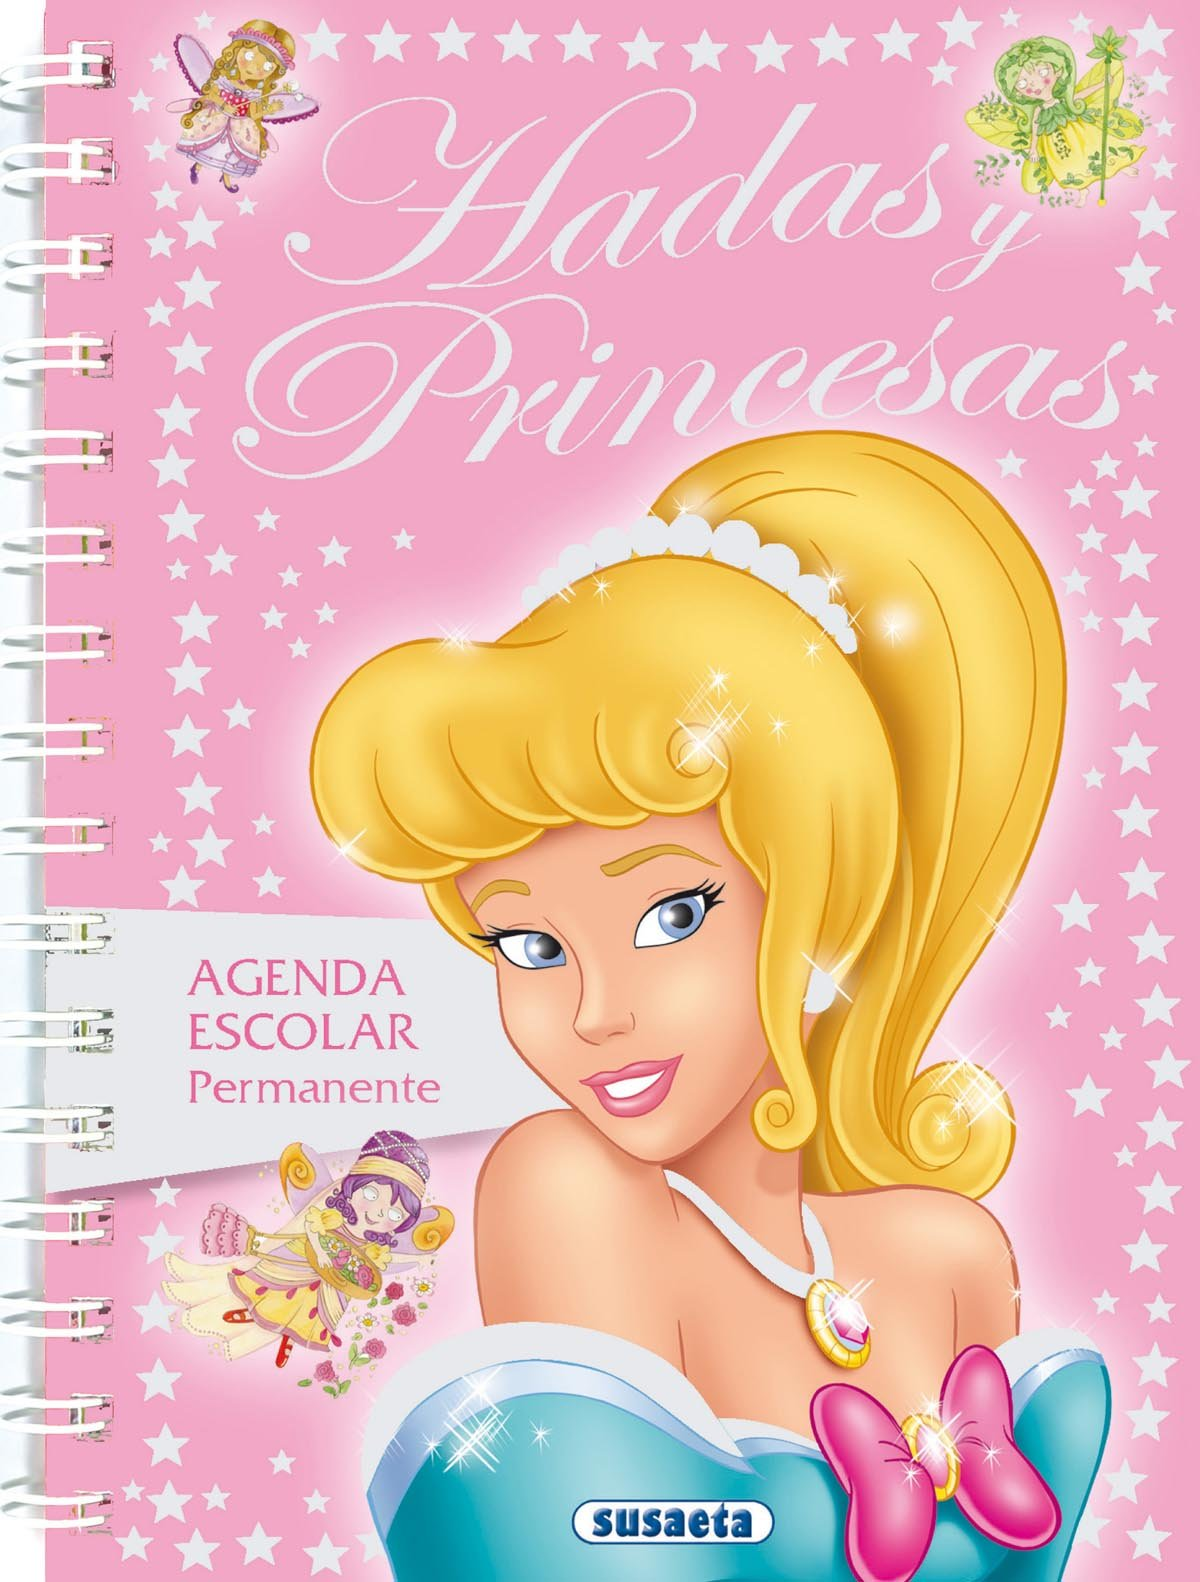 Agenda escolar permanente hadas y princesas Agenda Hadas Y ...